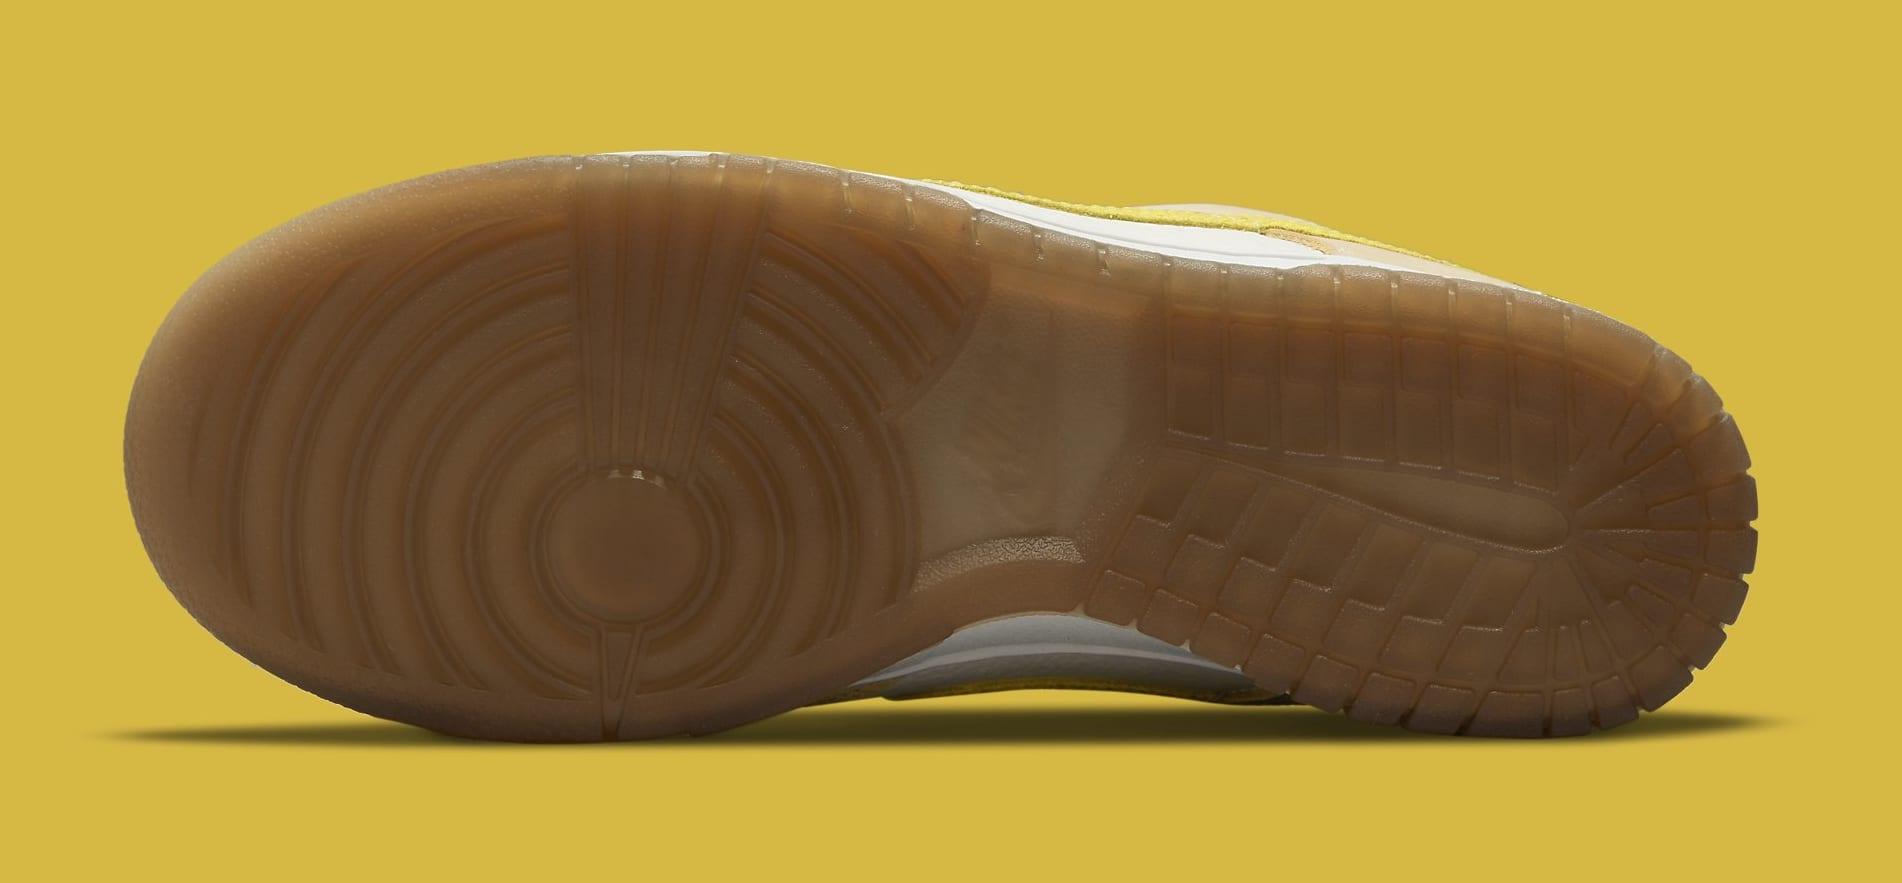 Nike Dunk Low 'Lemon Drop' DJ6902-700 Outsole